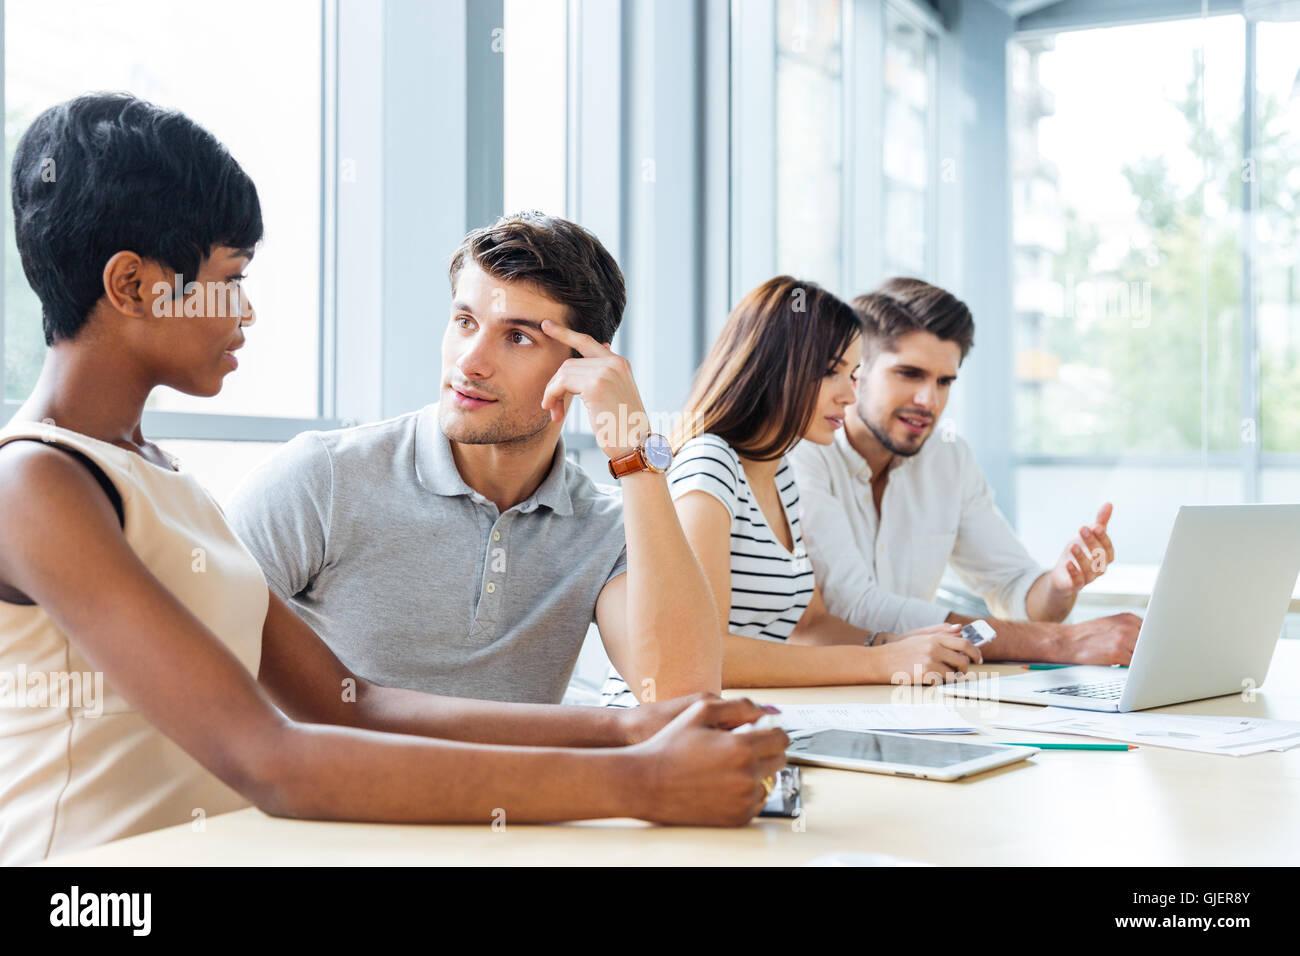 Gruppe von jungen Geschäftsleute sitzen und reden im Büro Stockbild